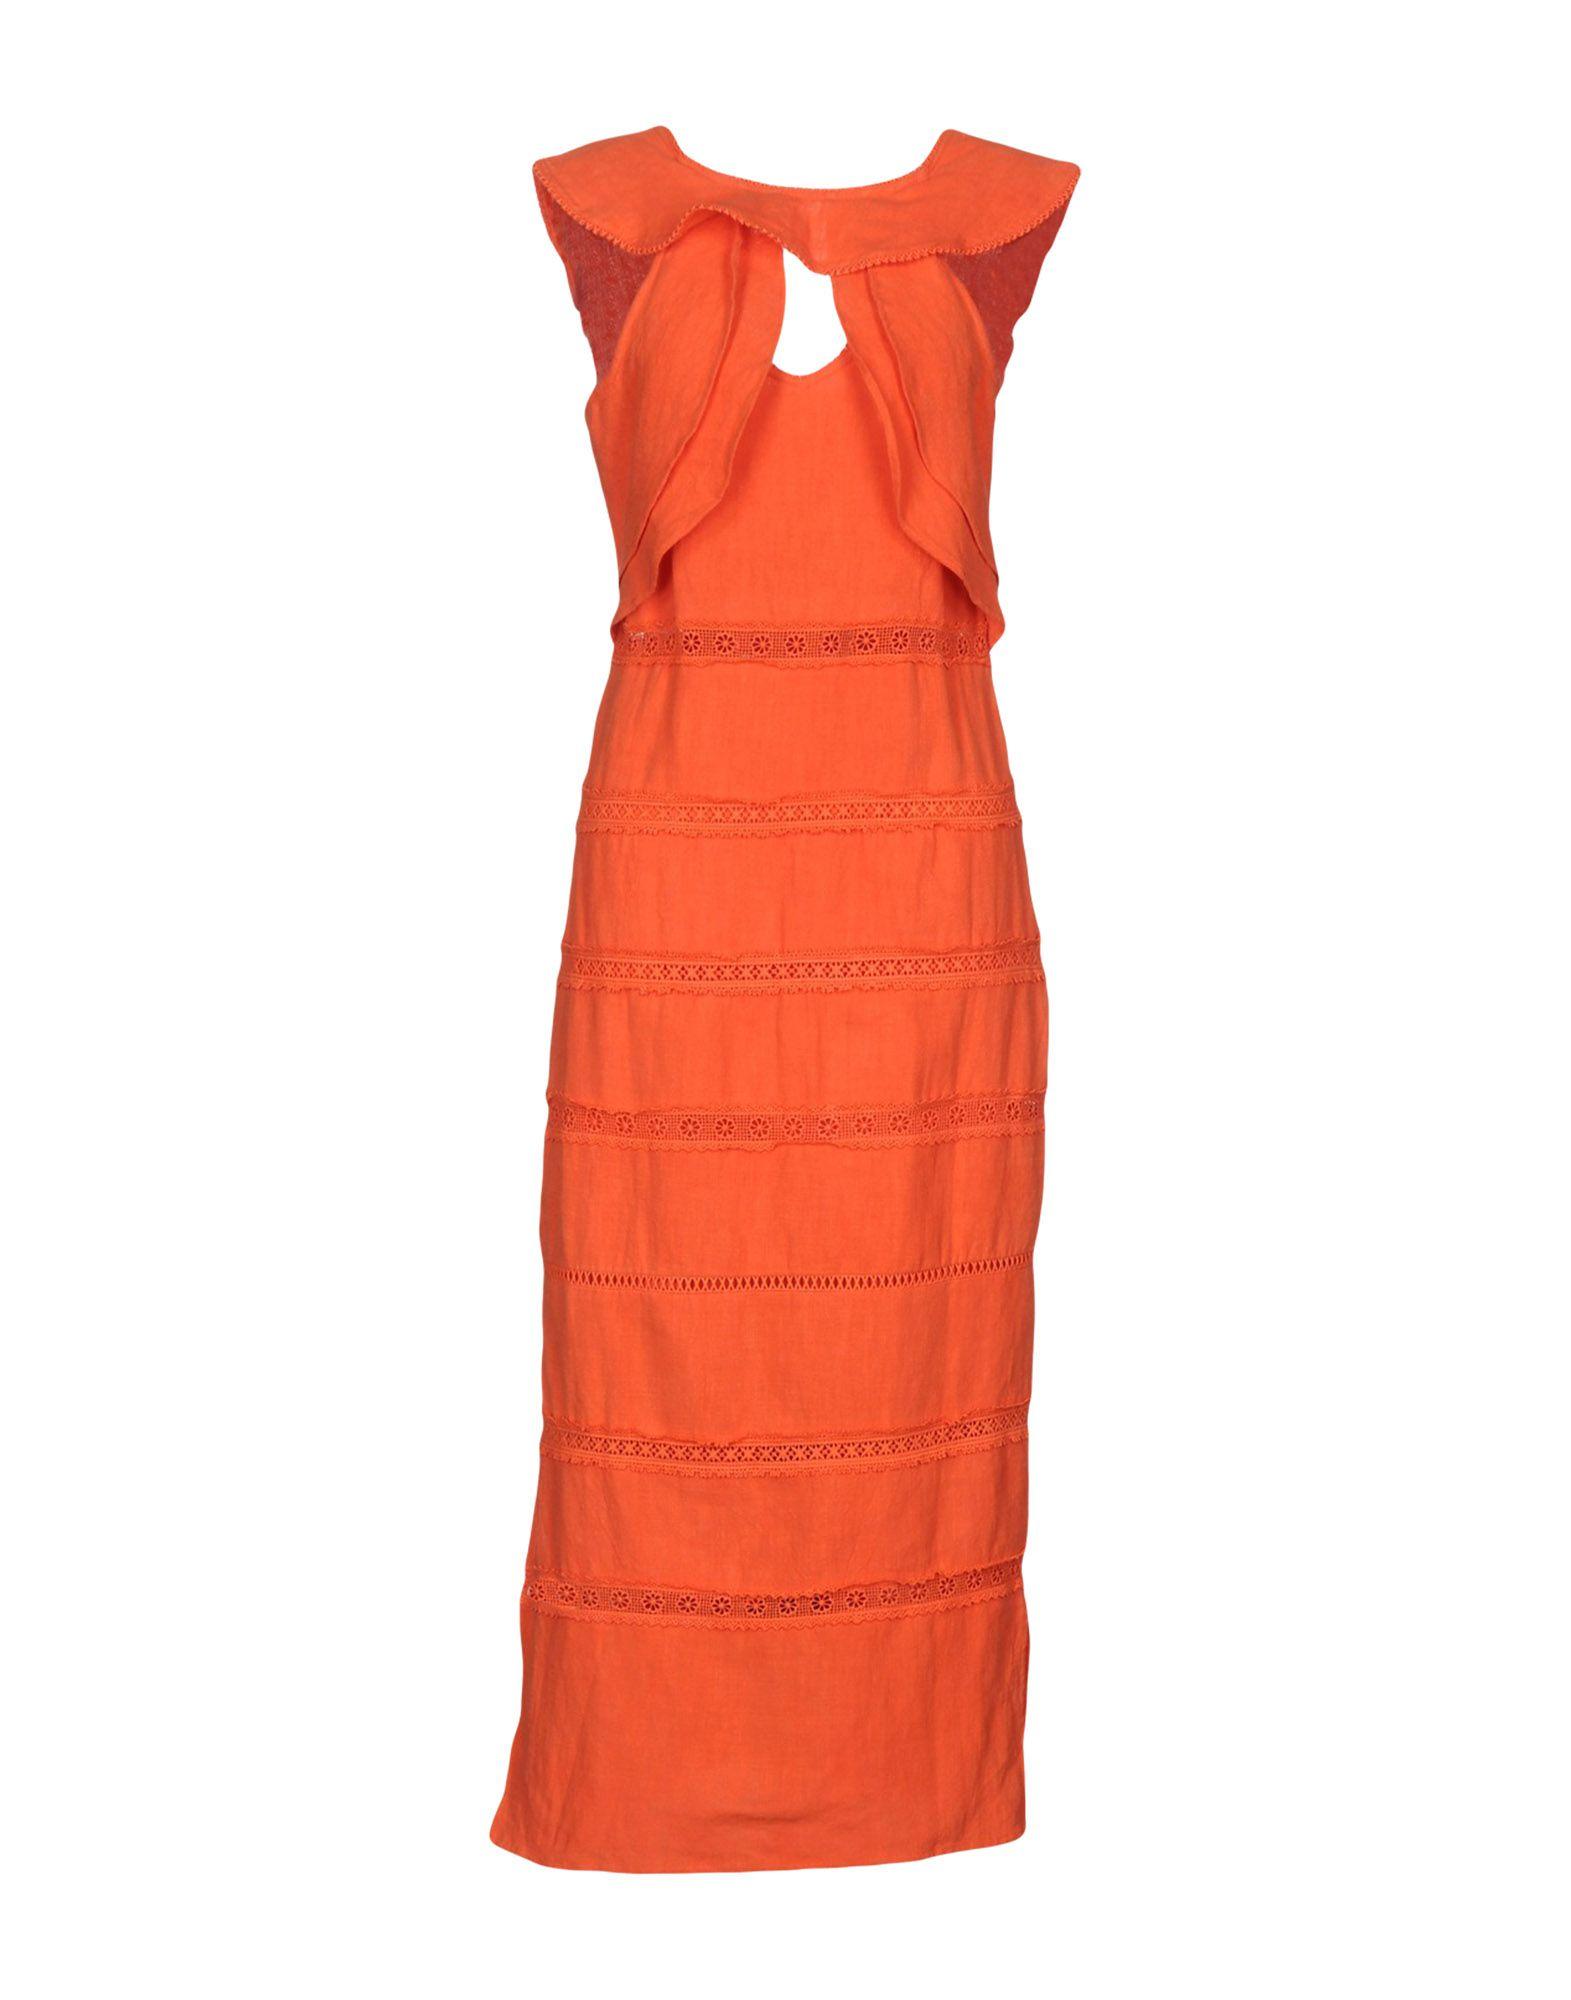 INTROPIA Damen Midikleid Farbe Koralle Größe 6 jetztbilligerkaufen